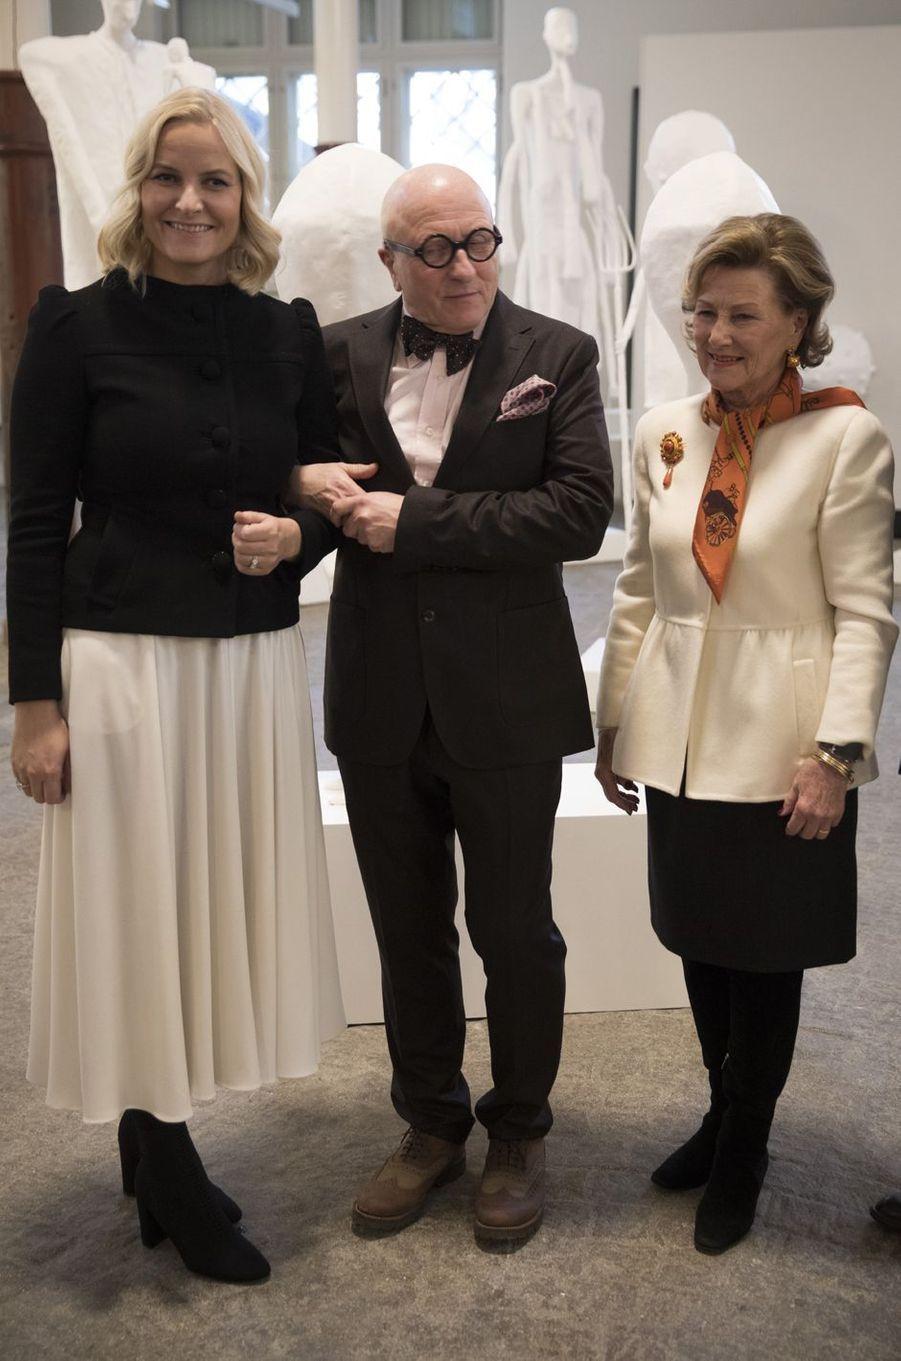 La princesse Mette-Marit et la reine Sonja de Norvège à Oslo, le 13 mars 2018